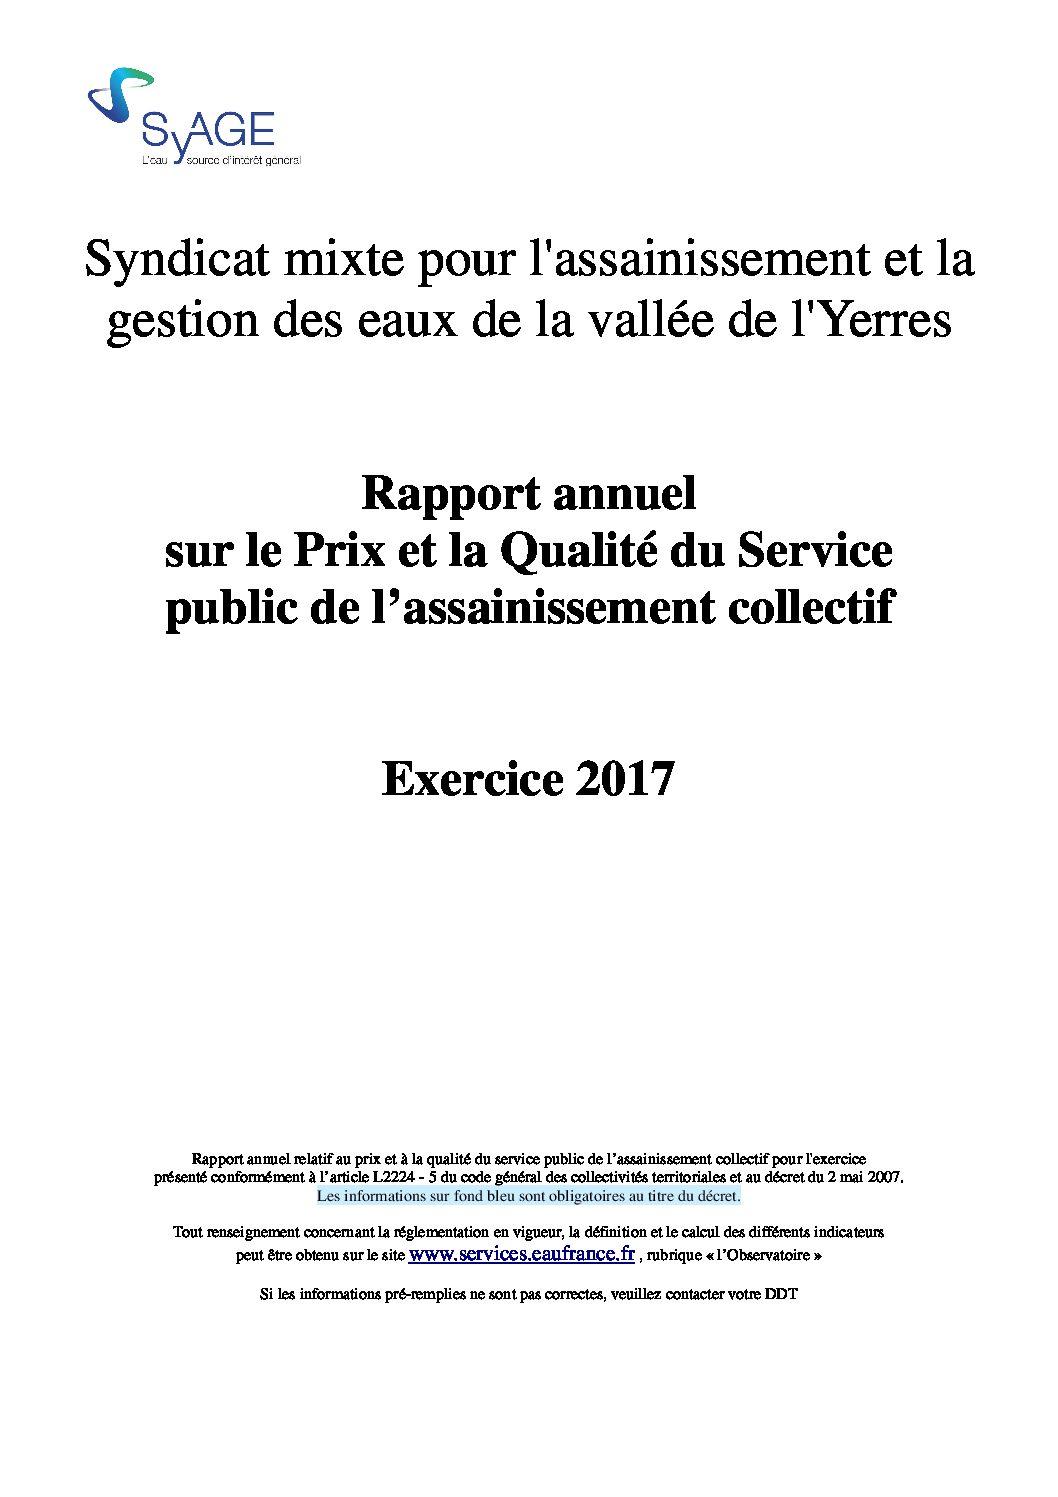 Prix et qualité du service public de l'assainissement collectif en 2017